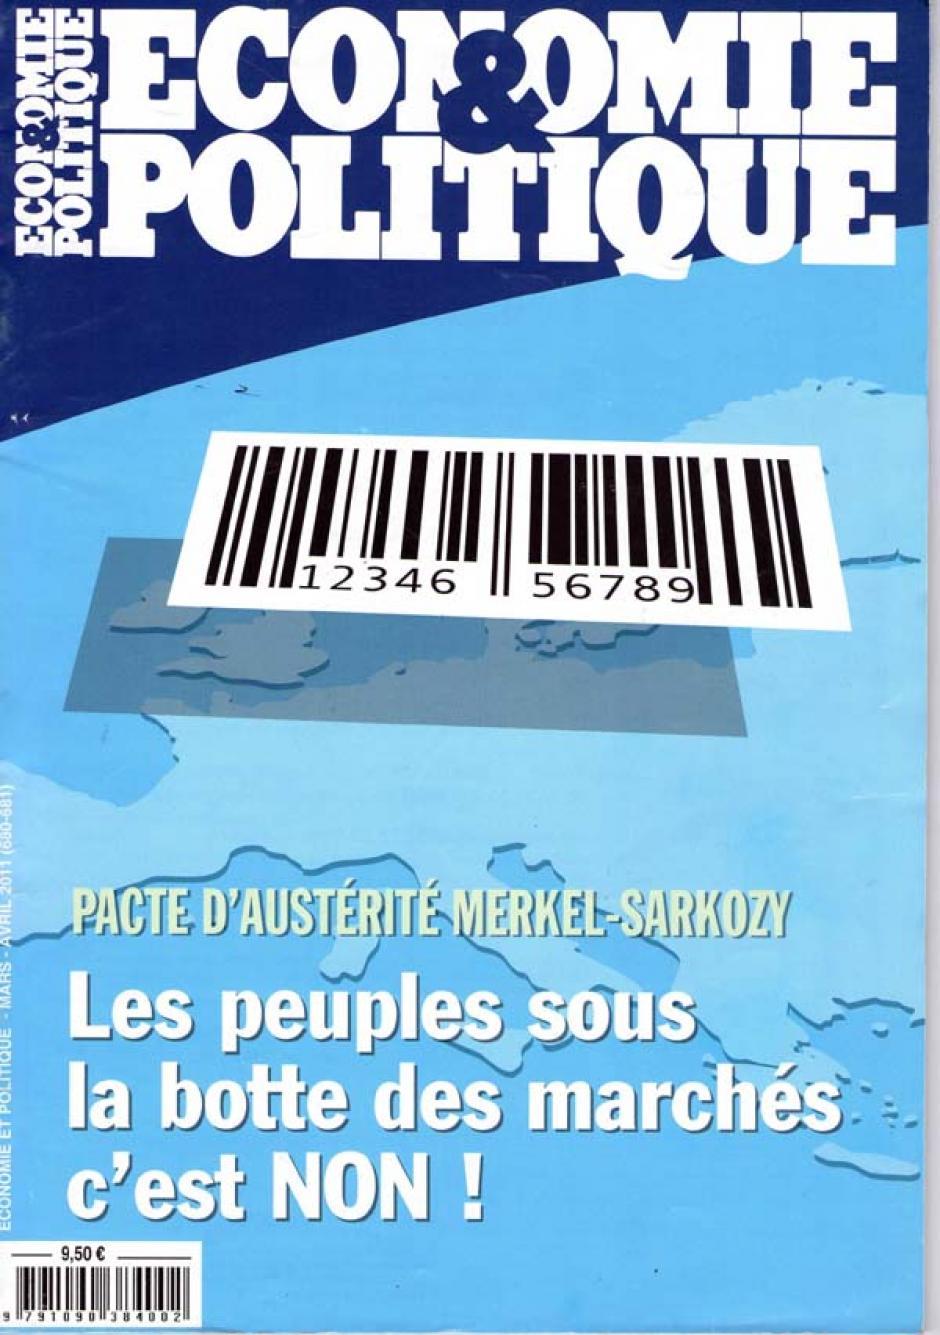 Economie & Politique - Numéro de mars-Avril 2011